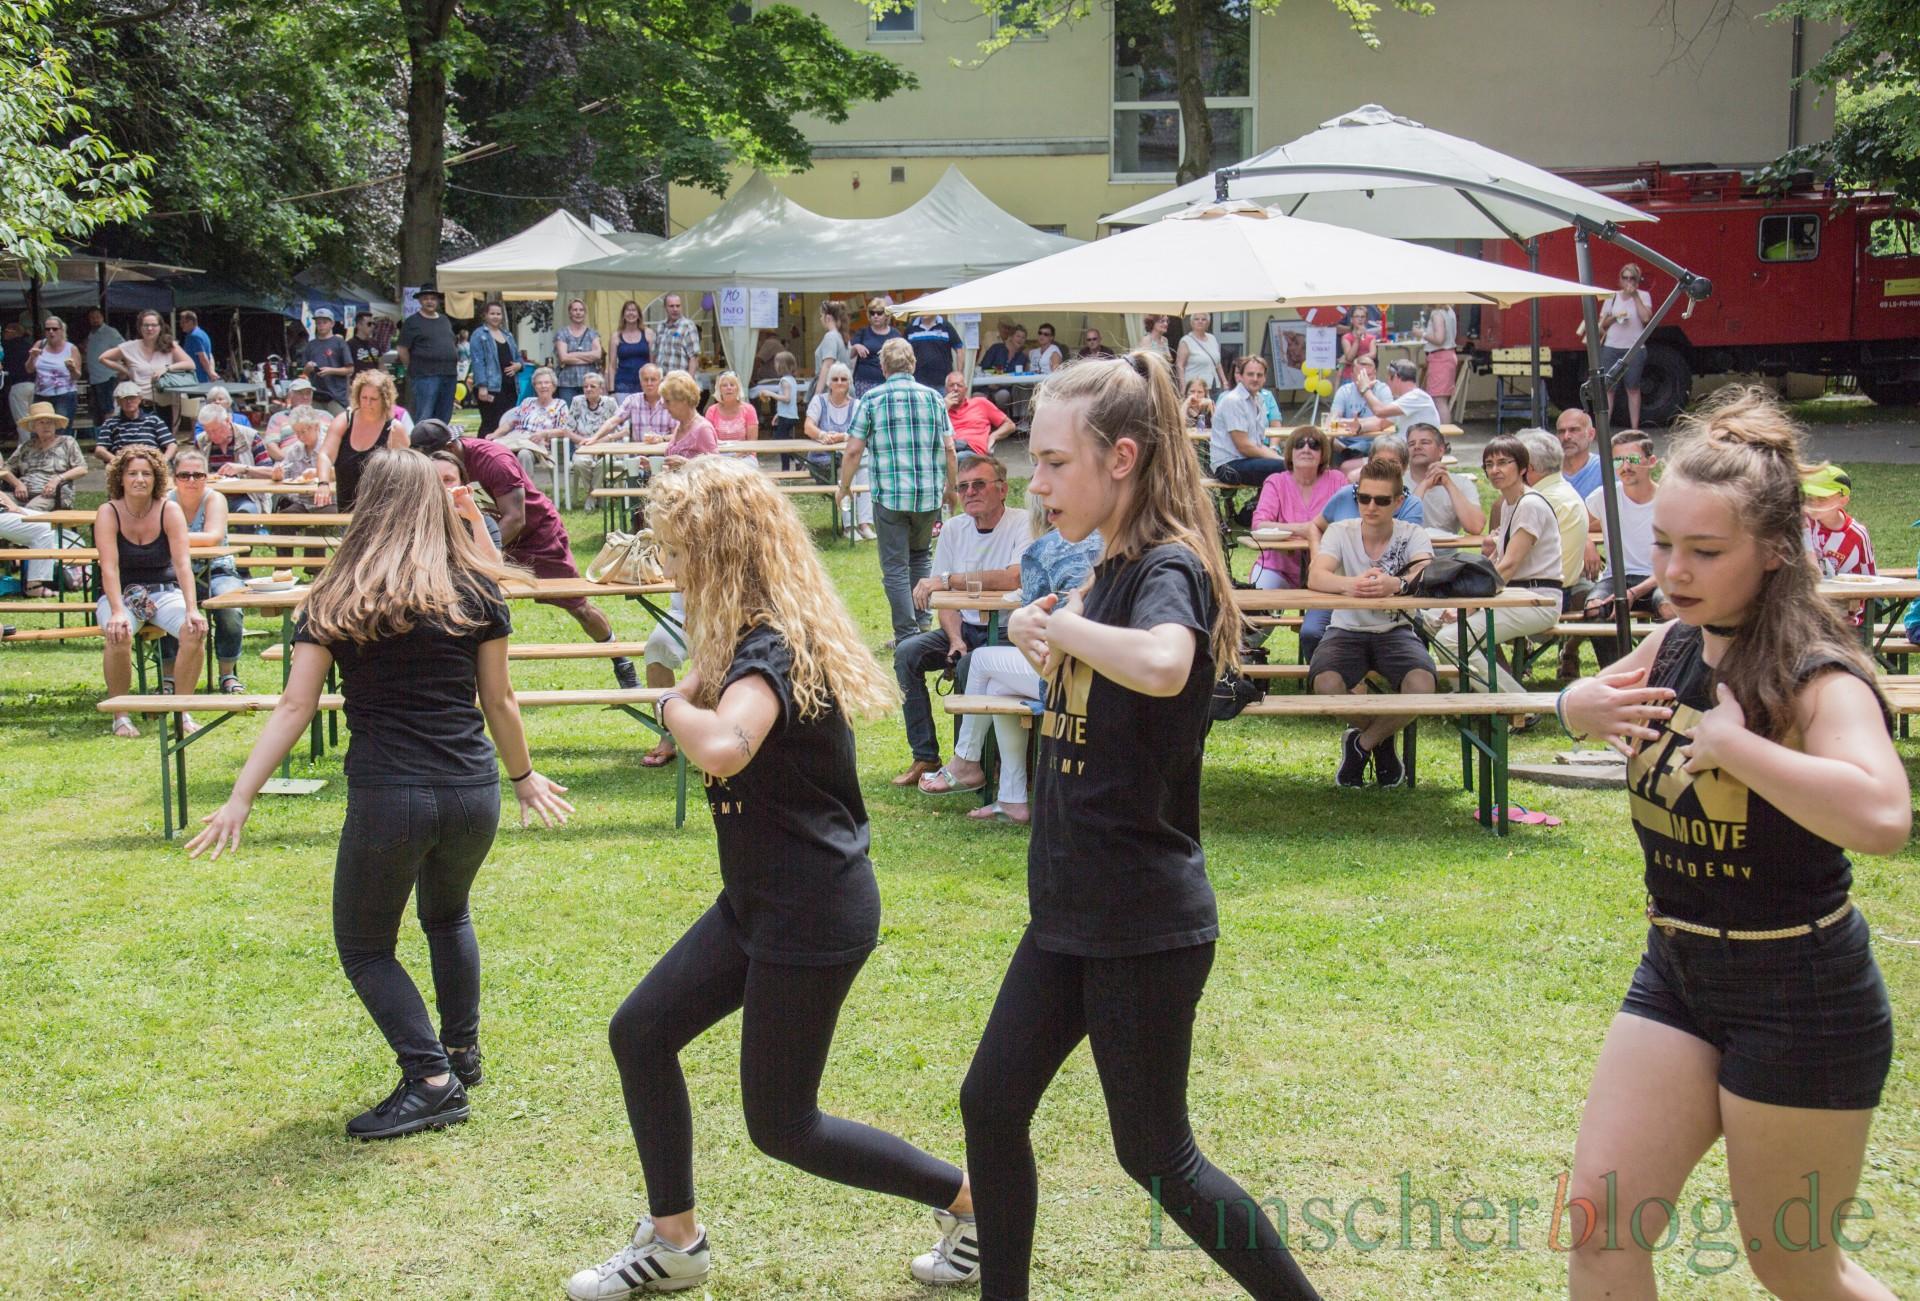 Zwei Tage lang feierte die evangelische Kirchengemeinde Holzwickede-Opherdicke an diesem Wochenende ihr Gemeindefest: Die Hip-Hop-Gruppe des Treffpunkts Villa zeigt eine Tanzdarbietung. (Foto: P. Gräber - Emscherblog.de)